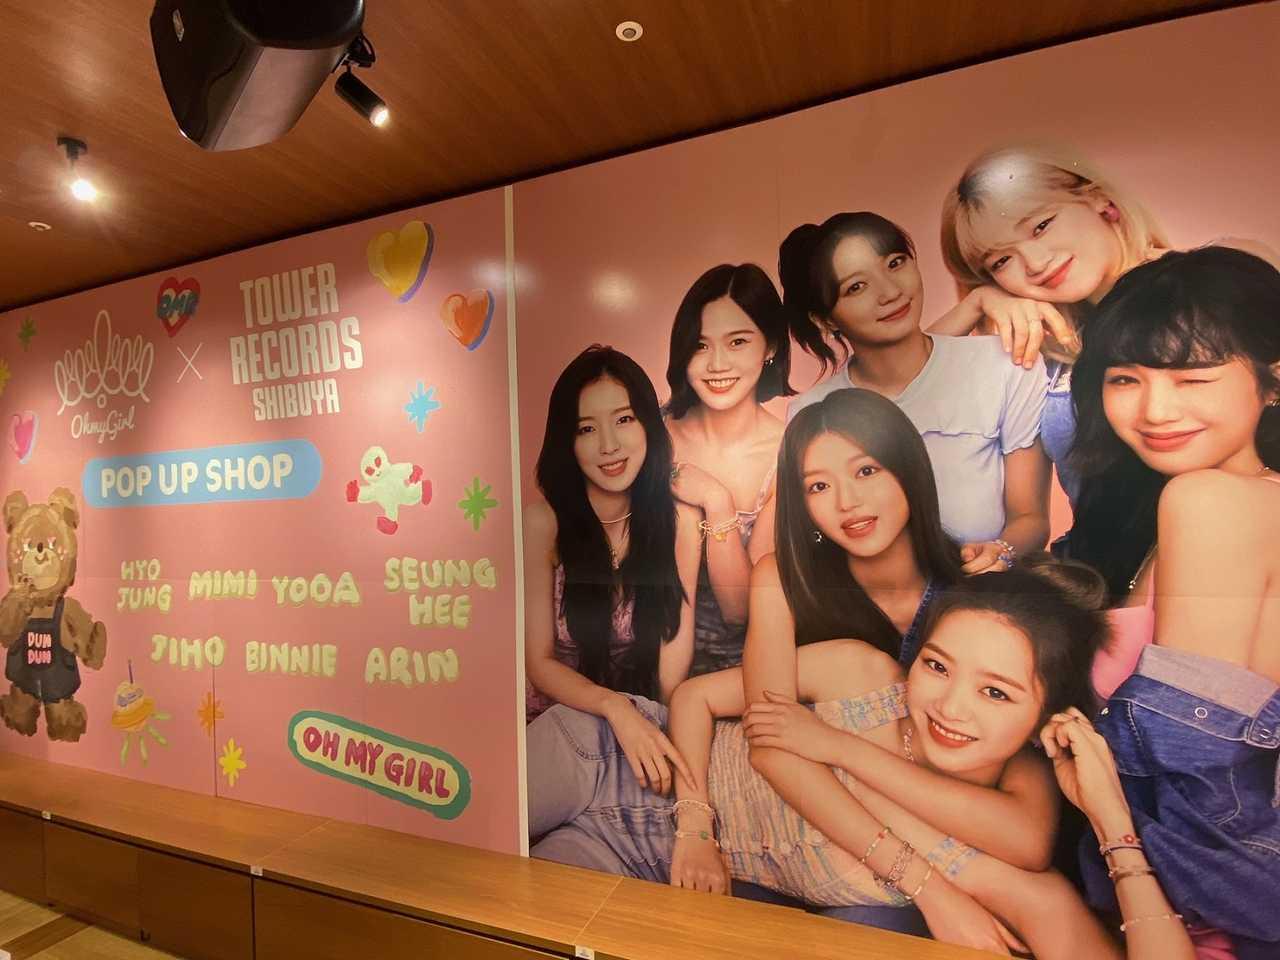 OH MY GIRL POP UP SHOP 開店!衣装展も開催!!  9月11日からはソロフライヤーの配布も開始!!!